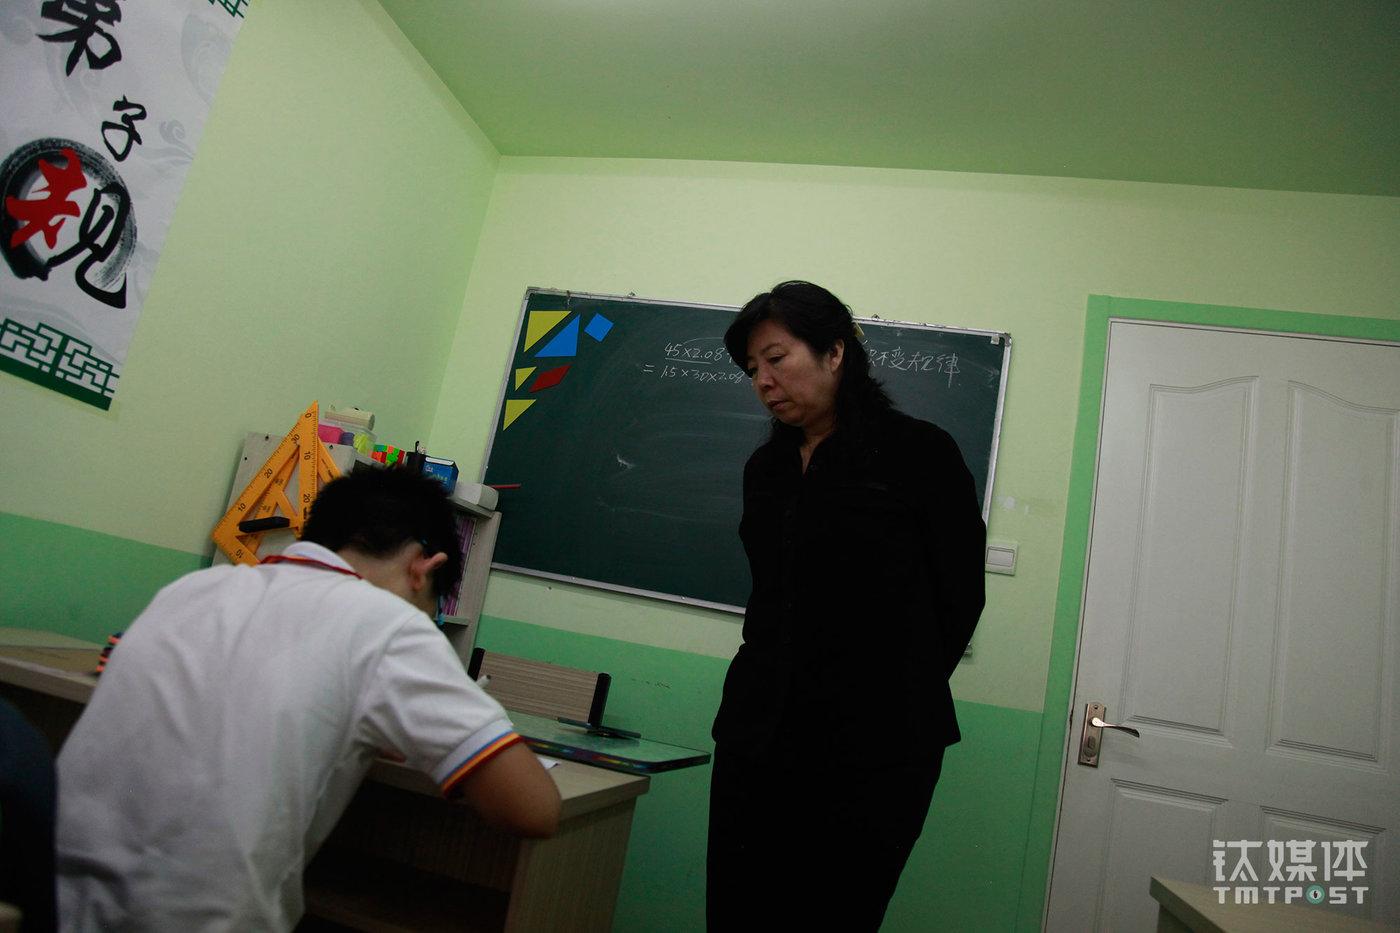 周玲老师是博思教育的创办人,她曾经是一名中学数学教师,9年前开始创业做课外辅导,专门针对中小学生,特别是小升初进行重点辅导。这是一间规模不大的学校,面积90多平,有3间教室,5名老师(非全职)。